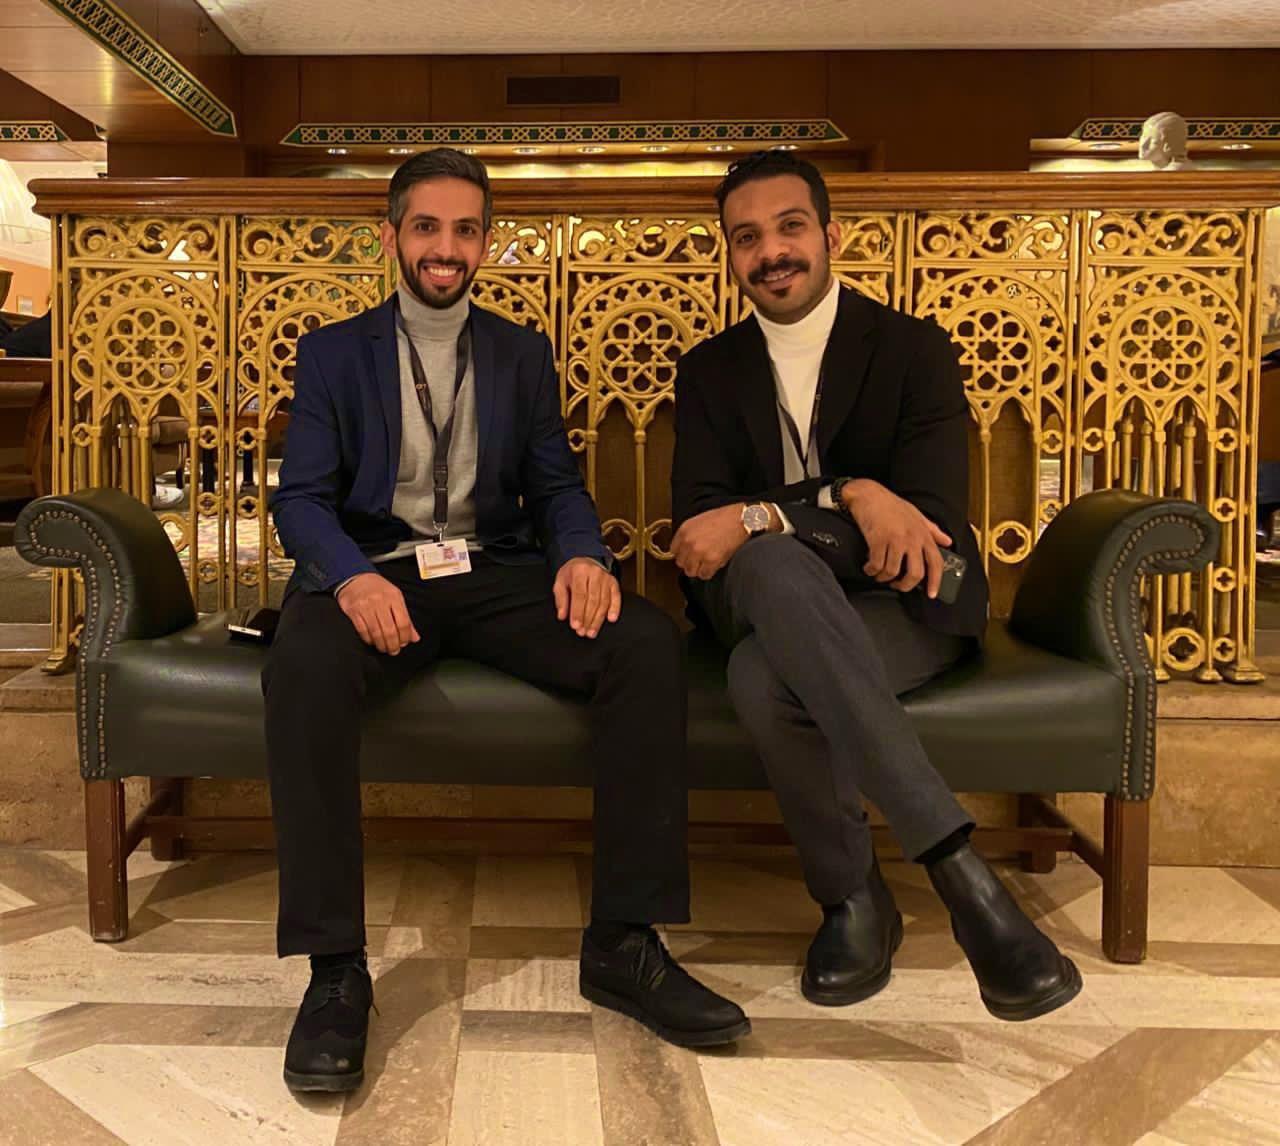 المخرج عبد العزيز الشلاحي مع الممثل فيصل الدوخي